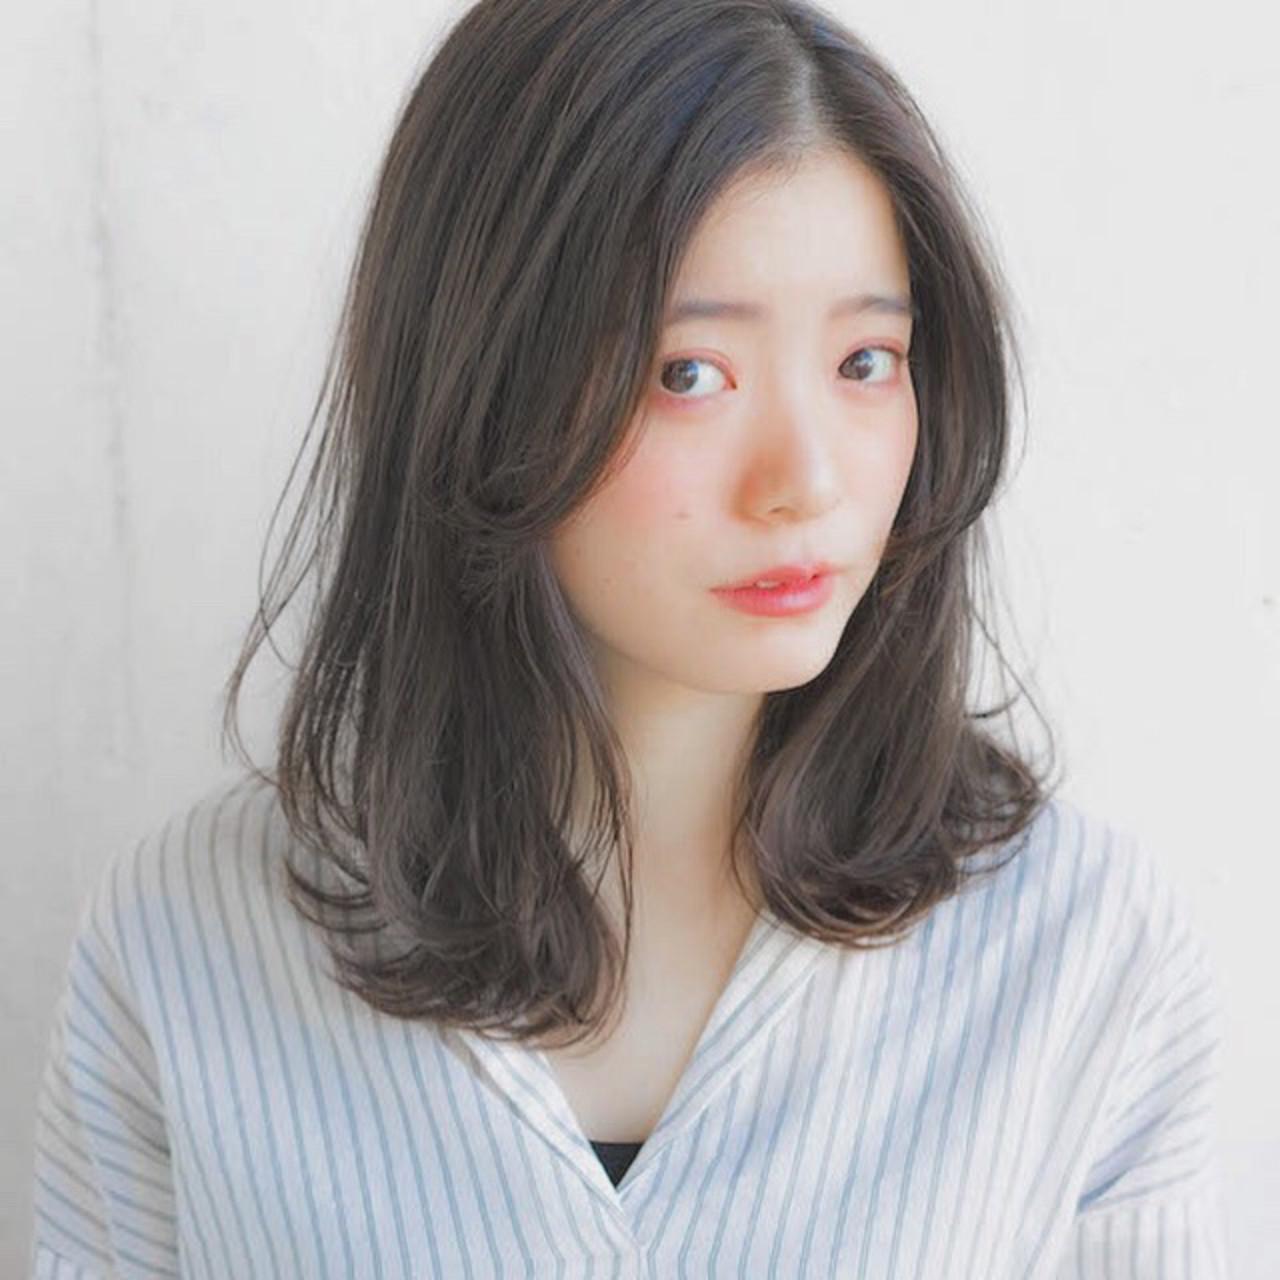 センターパートの優しげヘア 竹澤 優/relian銀座Top stylist